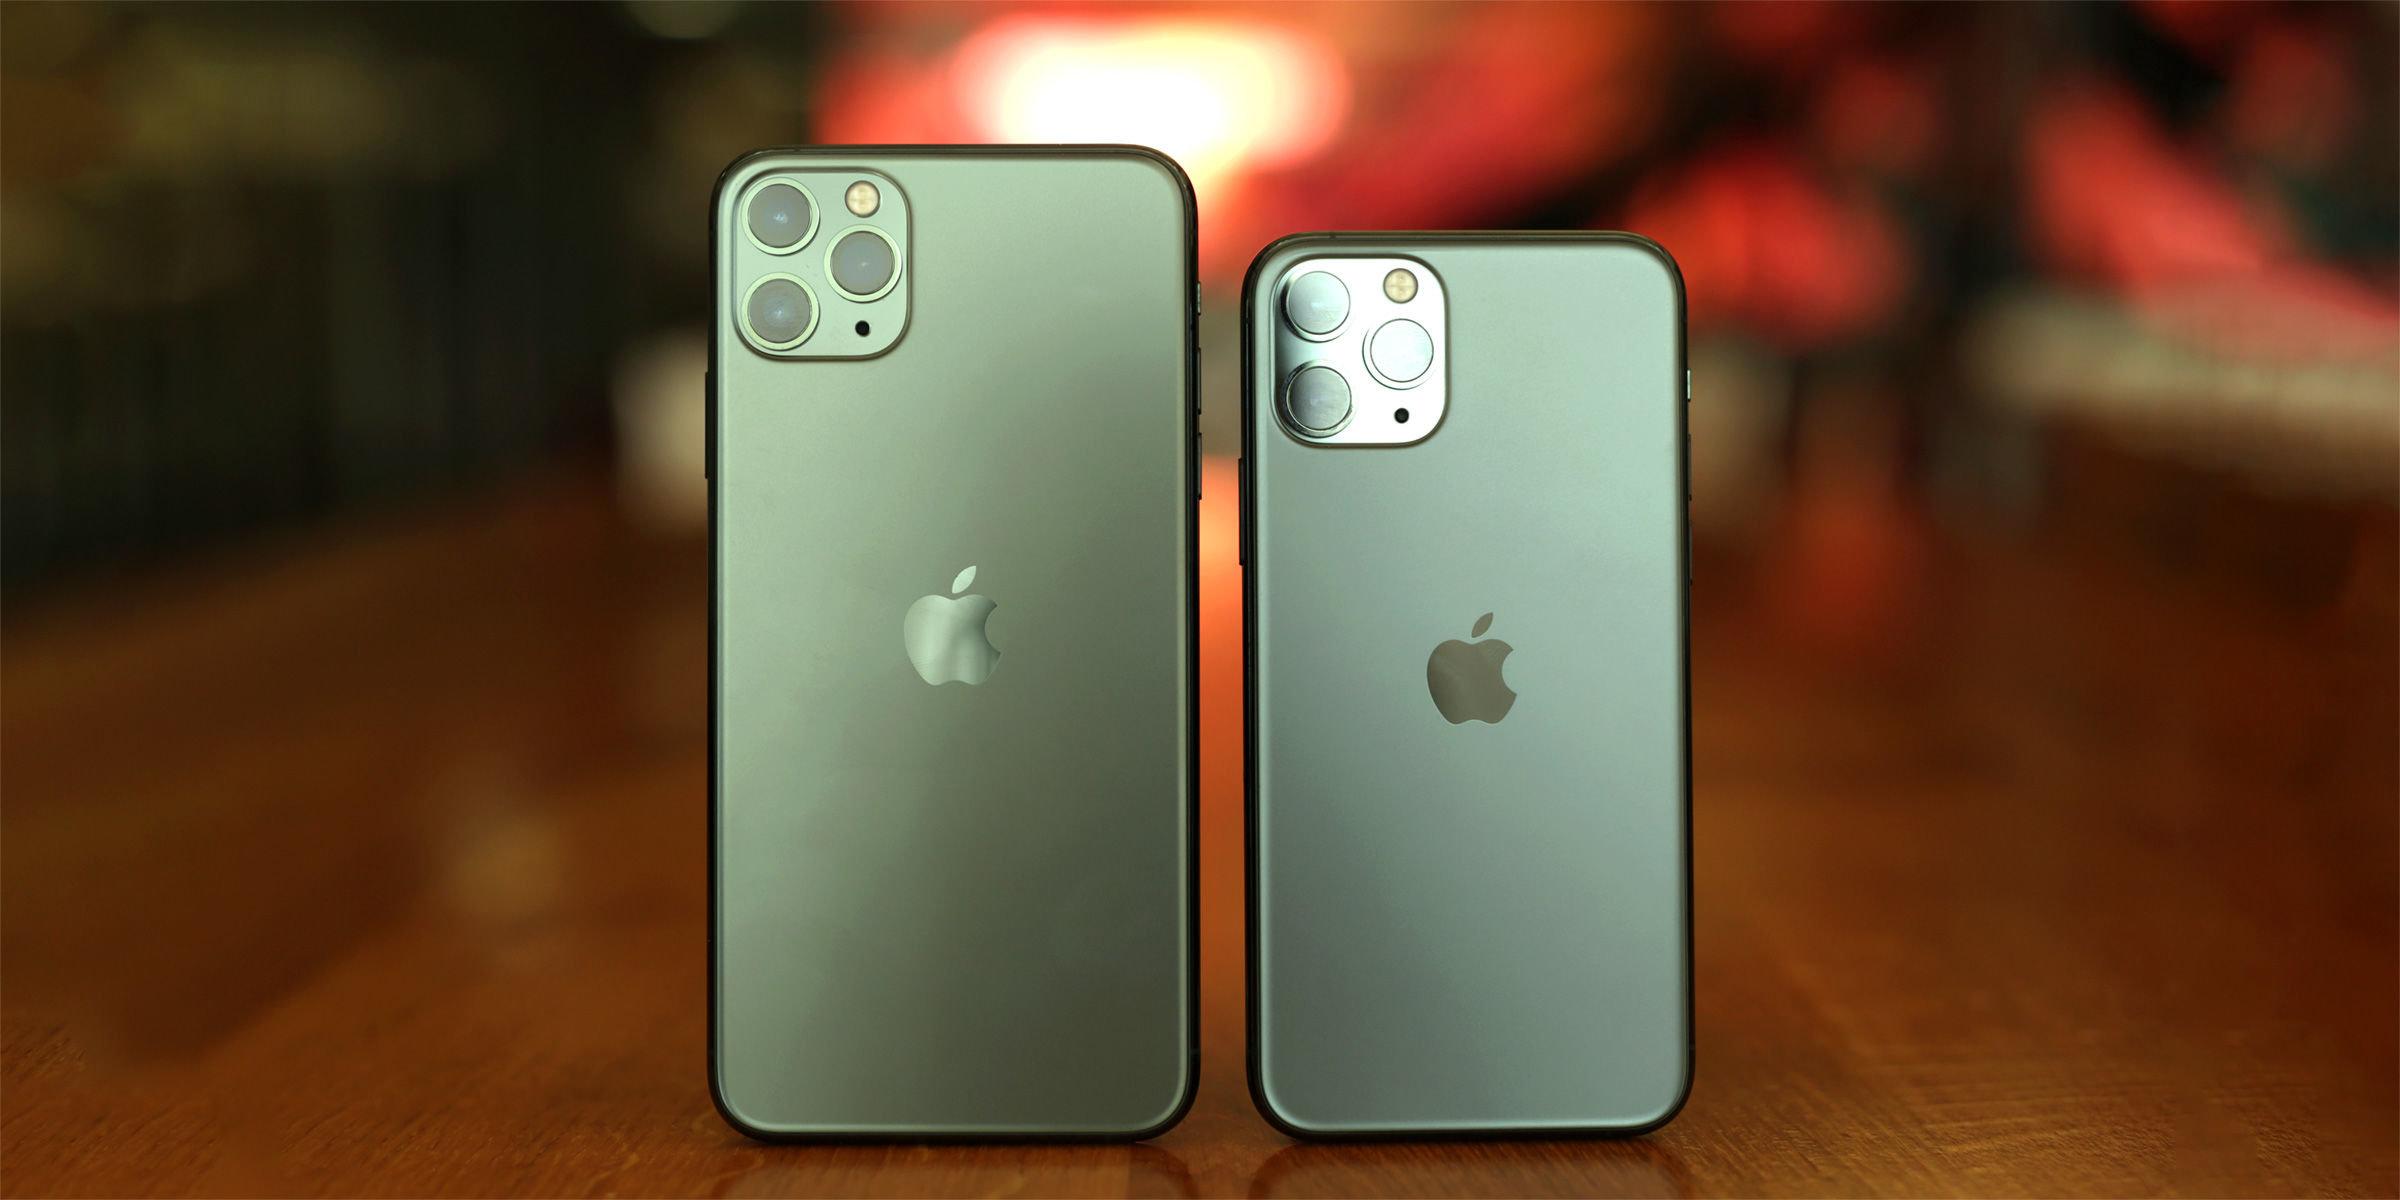 iPhone'ların Arkasındaki Apple Logosu, Özelleştirilebilir Olabilir